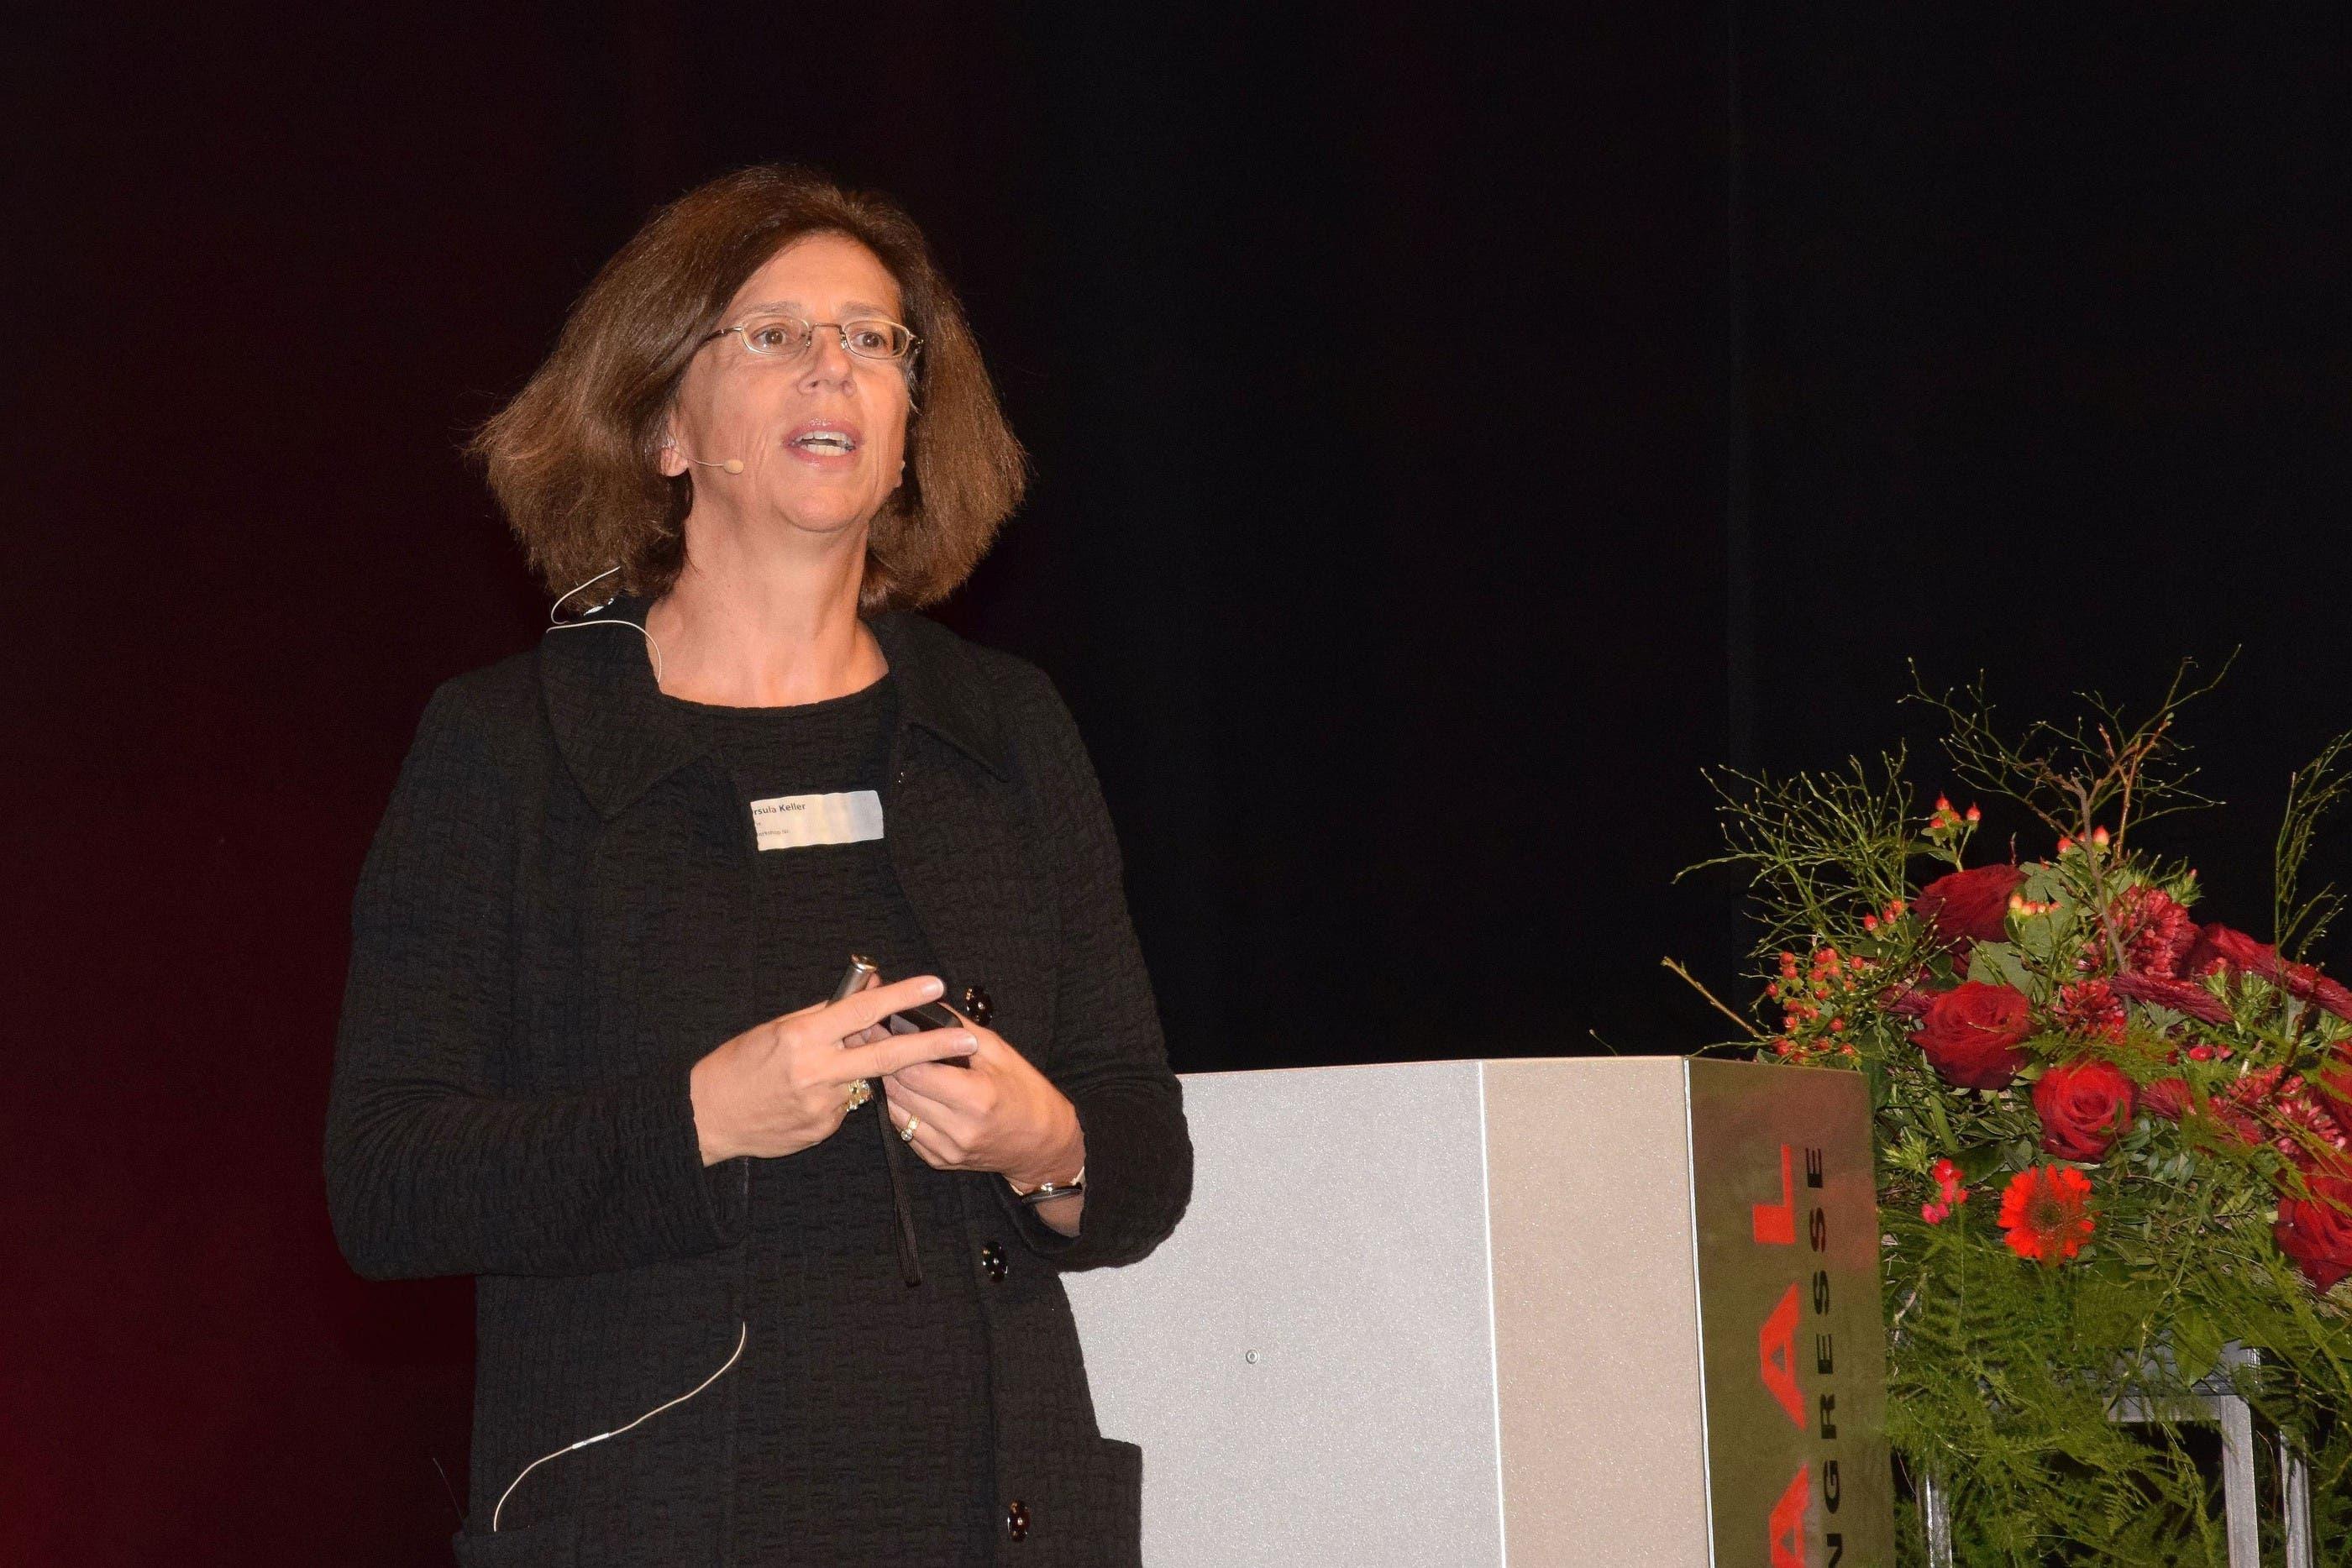 Professorin Ursula Keller bei ihrem Referat